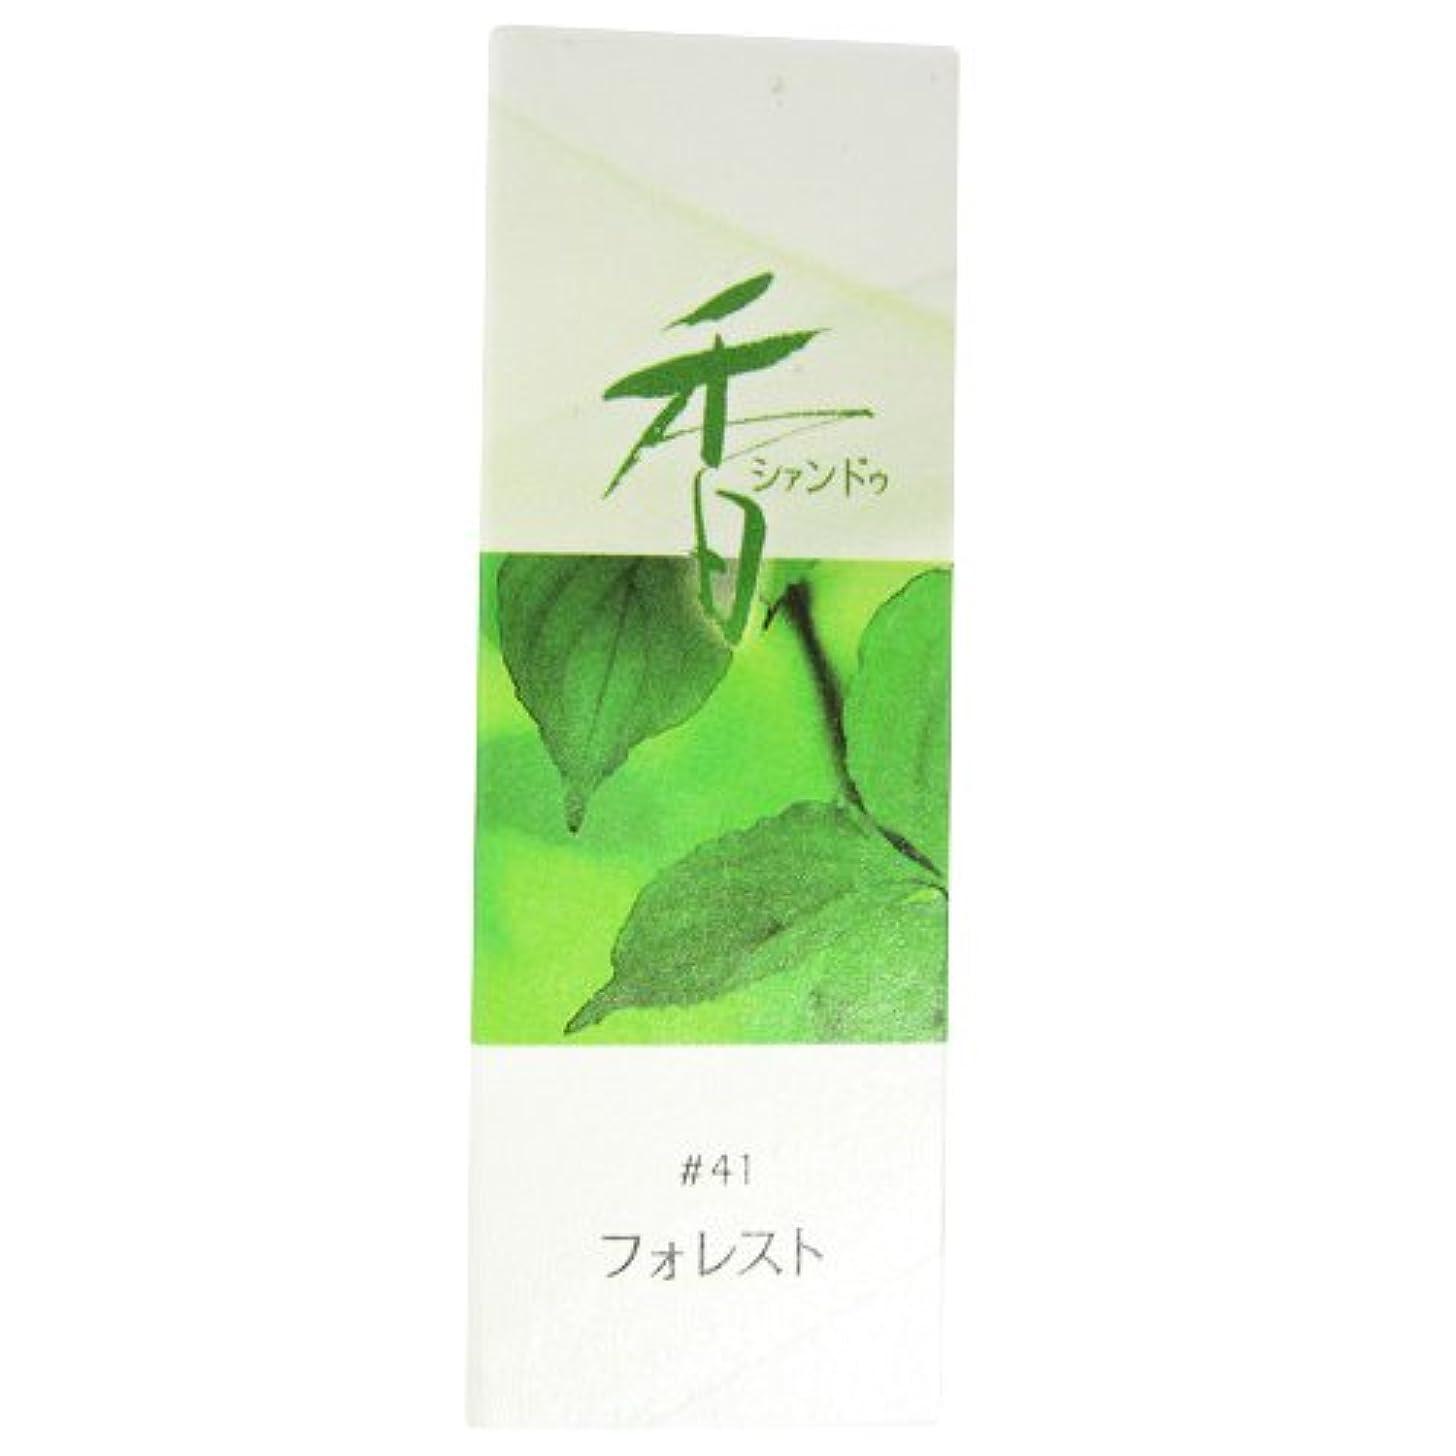 誤解する作成者洋服松栄堂のお香 Xiang Do フォレスト ST20本入 簡易香立付 #214241